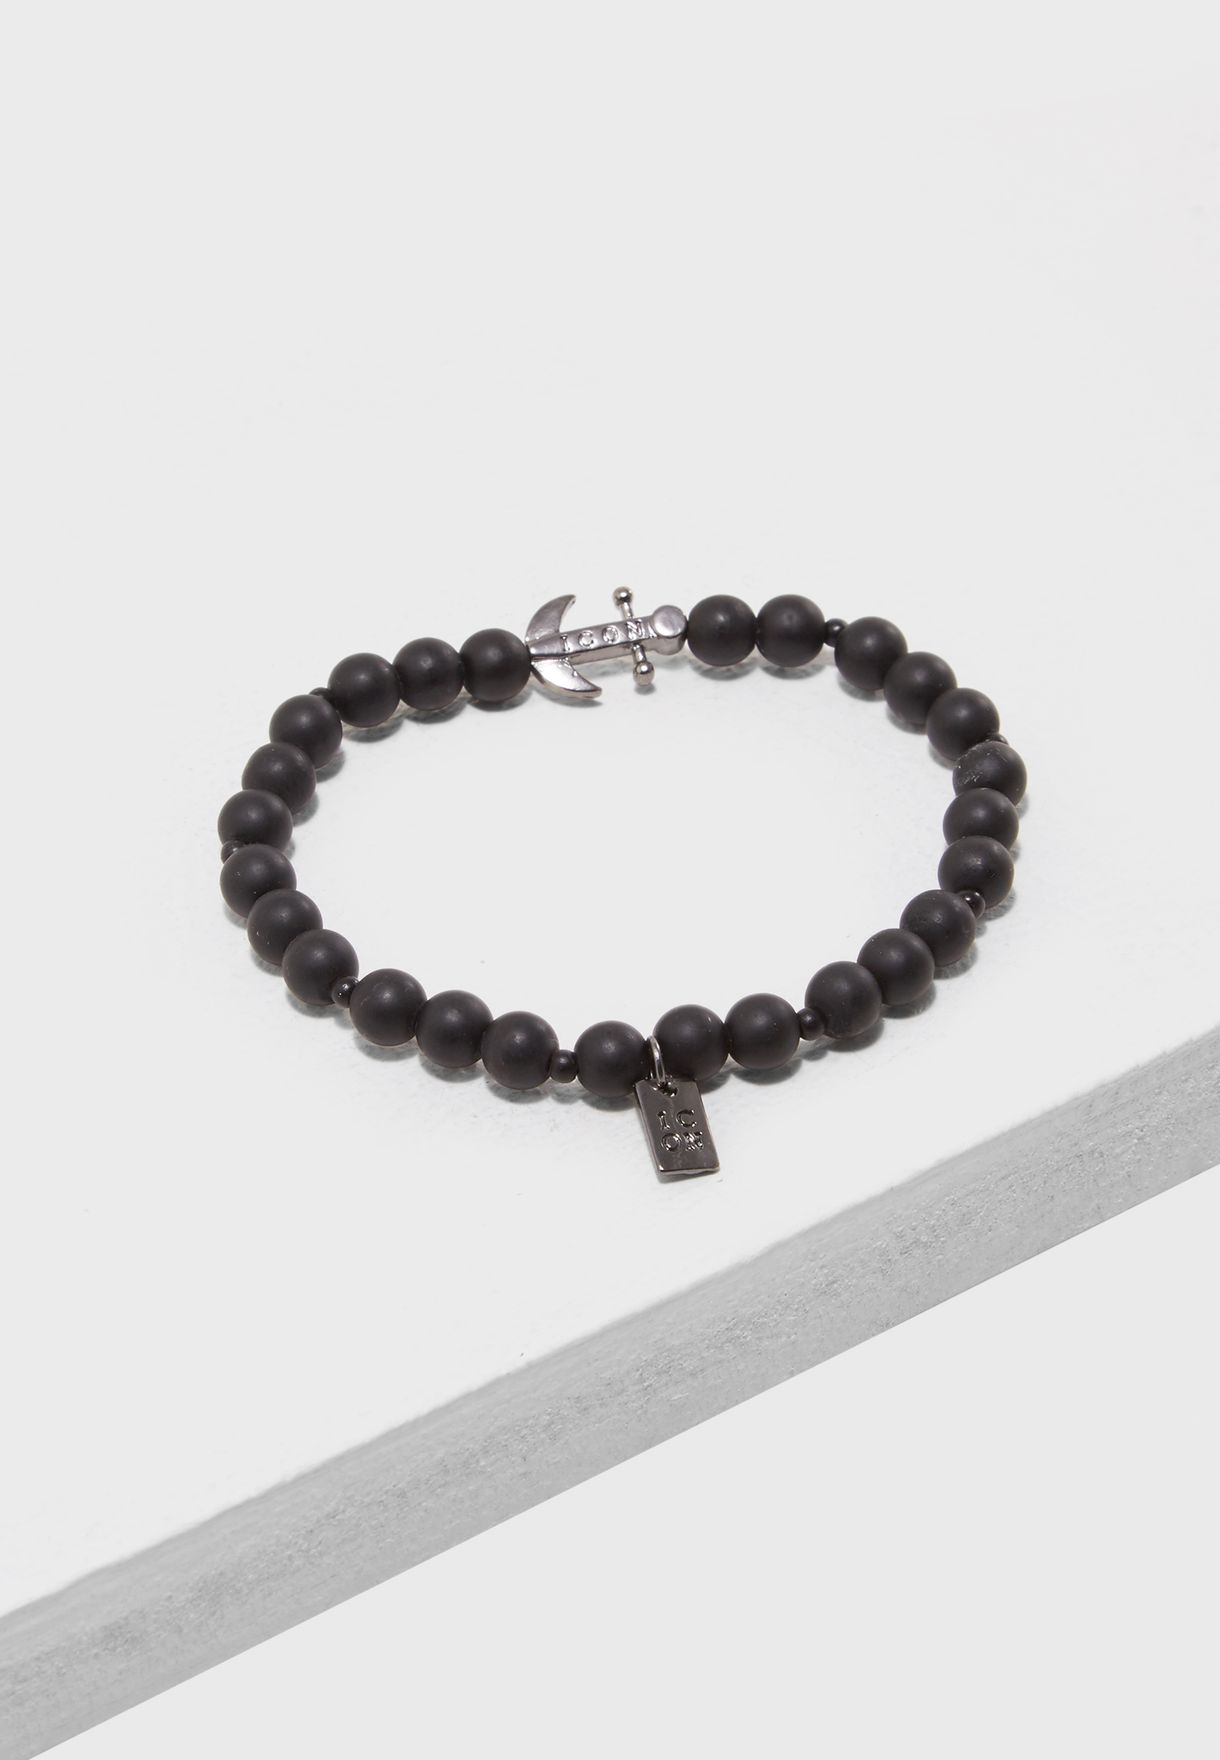 Matte Black Finish Stretch Bracelet